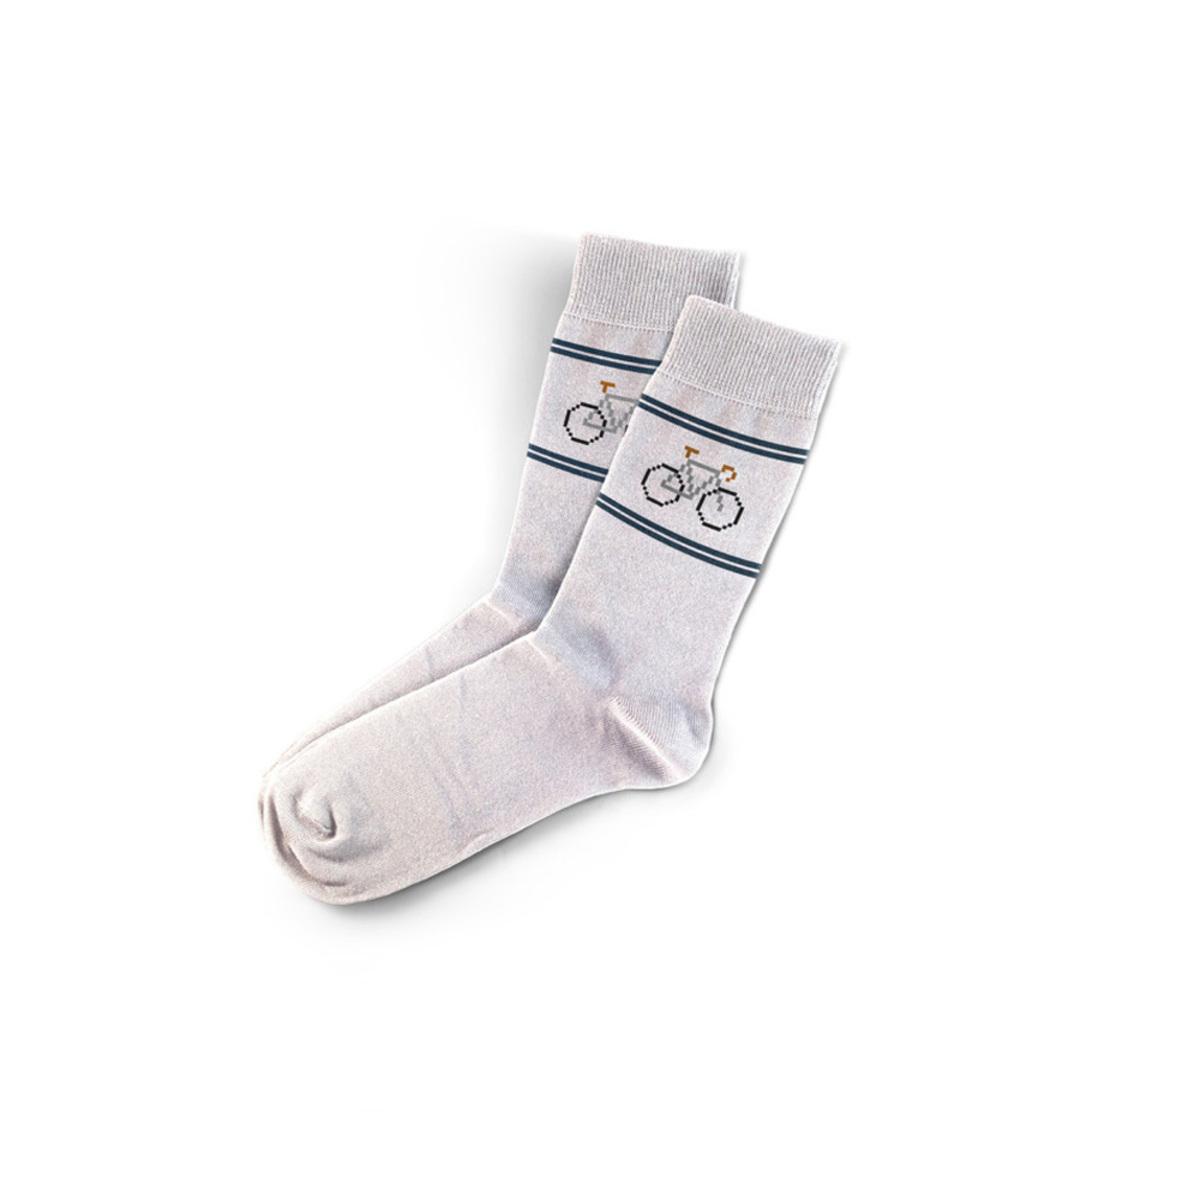 Calcetines Retro Fixie Blancos